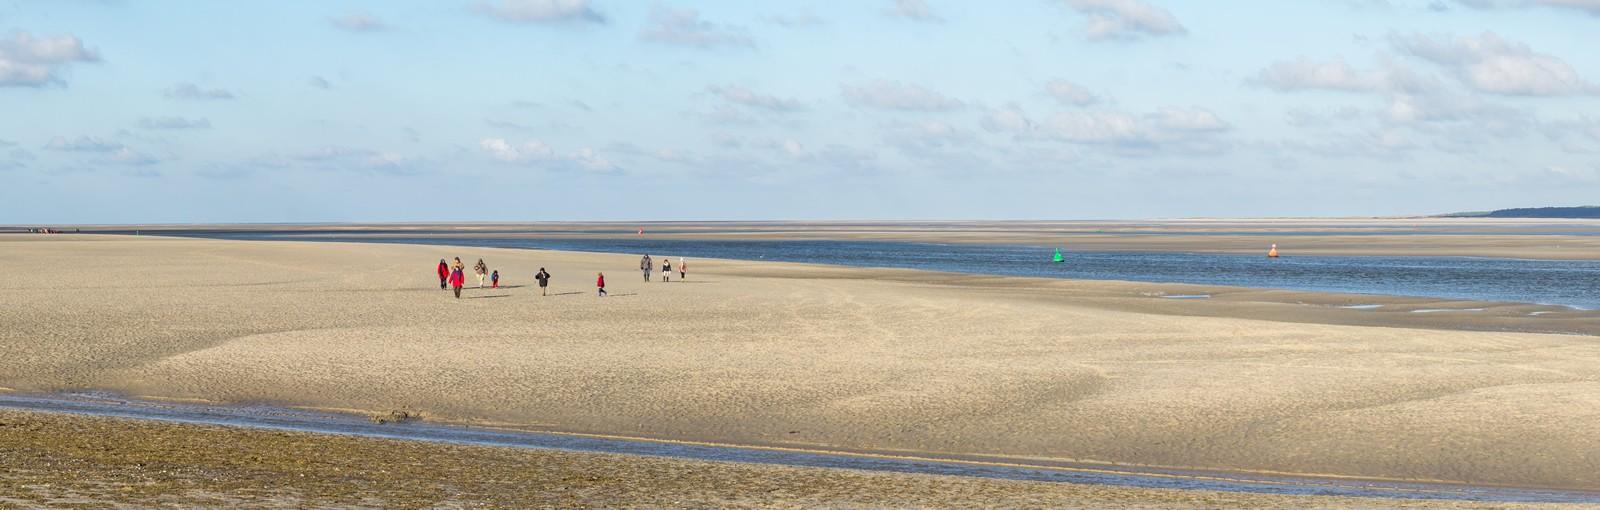 Somme Bay - Le Hourdel